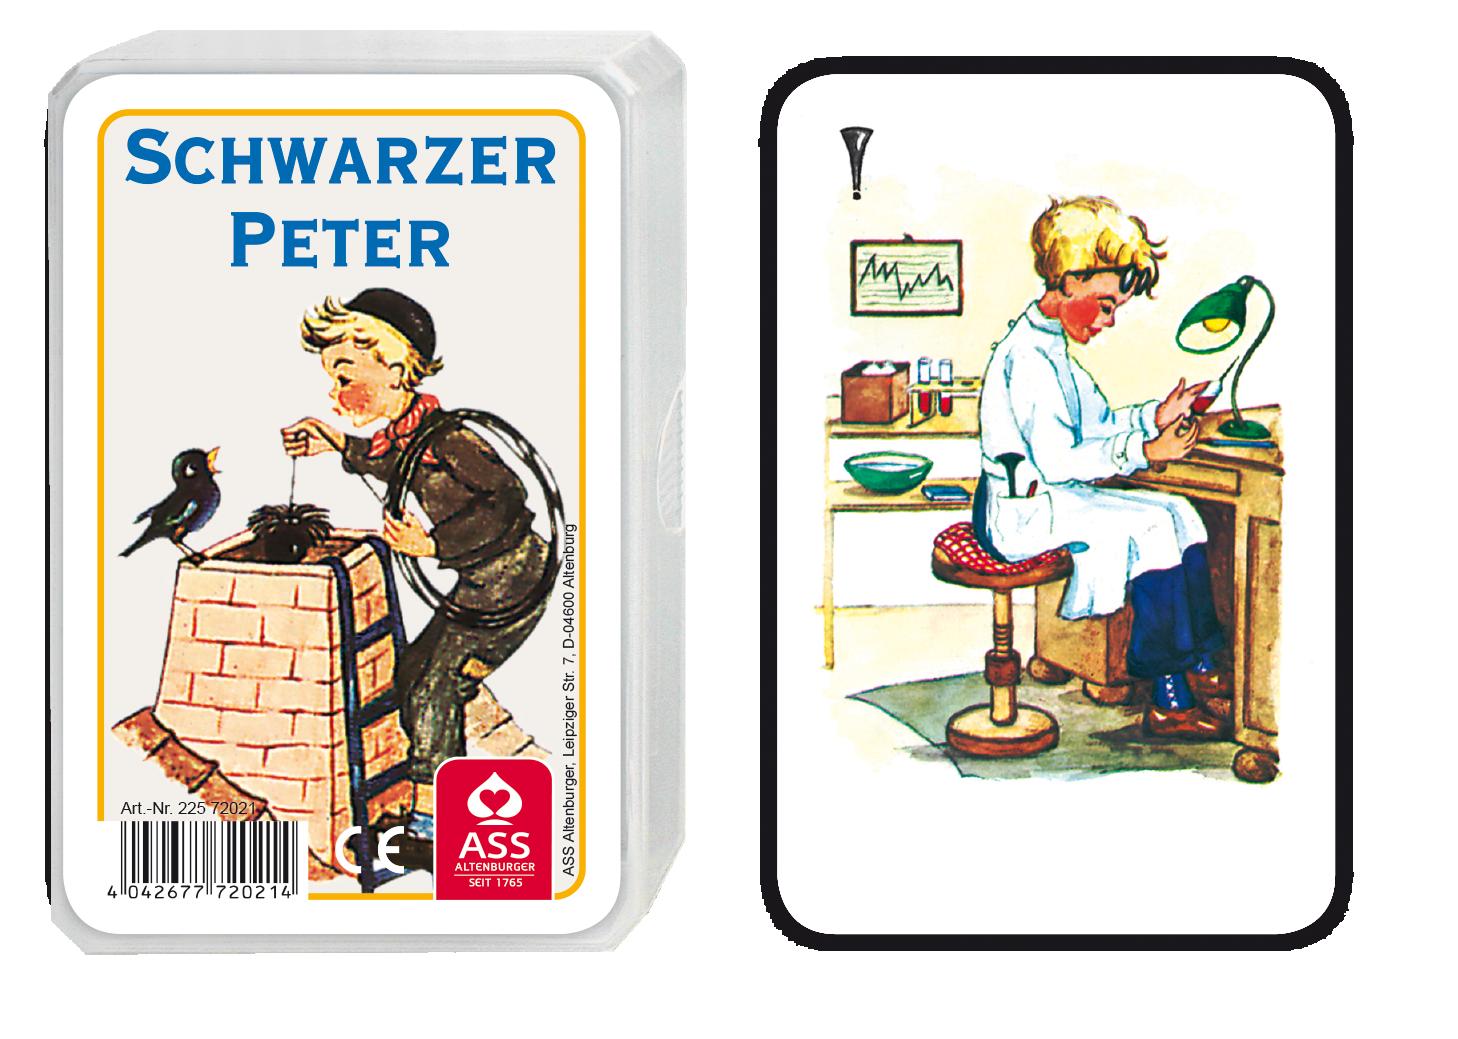 schwarzer peter kaminkehrer spielkarten weitere spielwaren online shop reifra. Black Bedroom Furniture Sets. Home Design Ideas